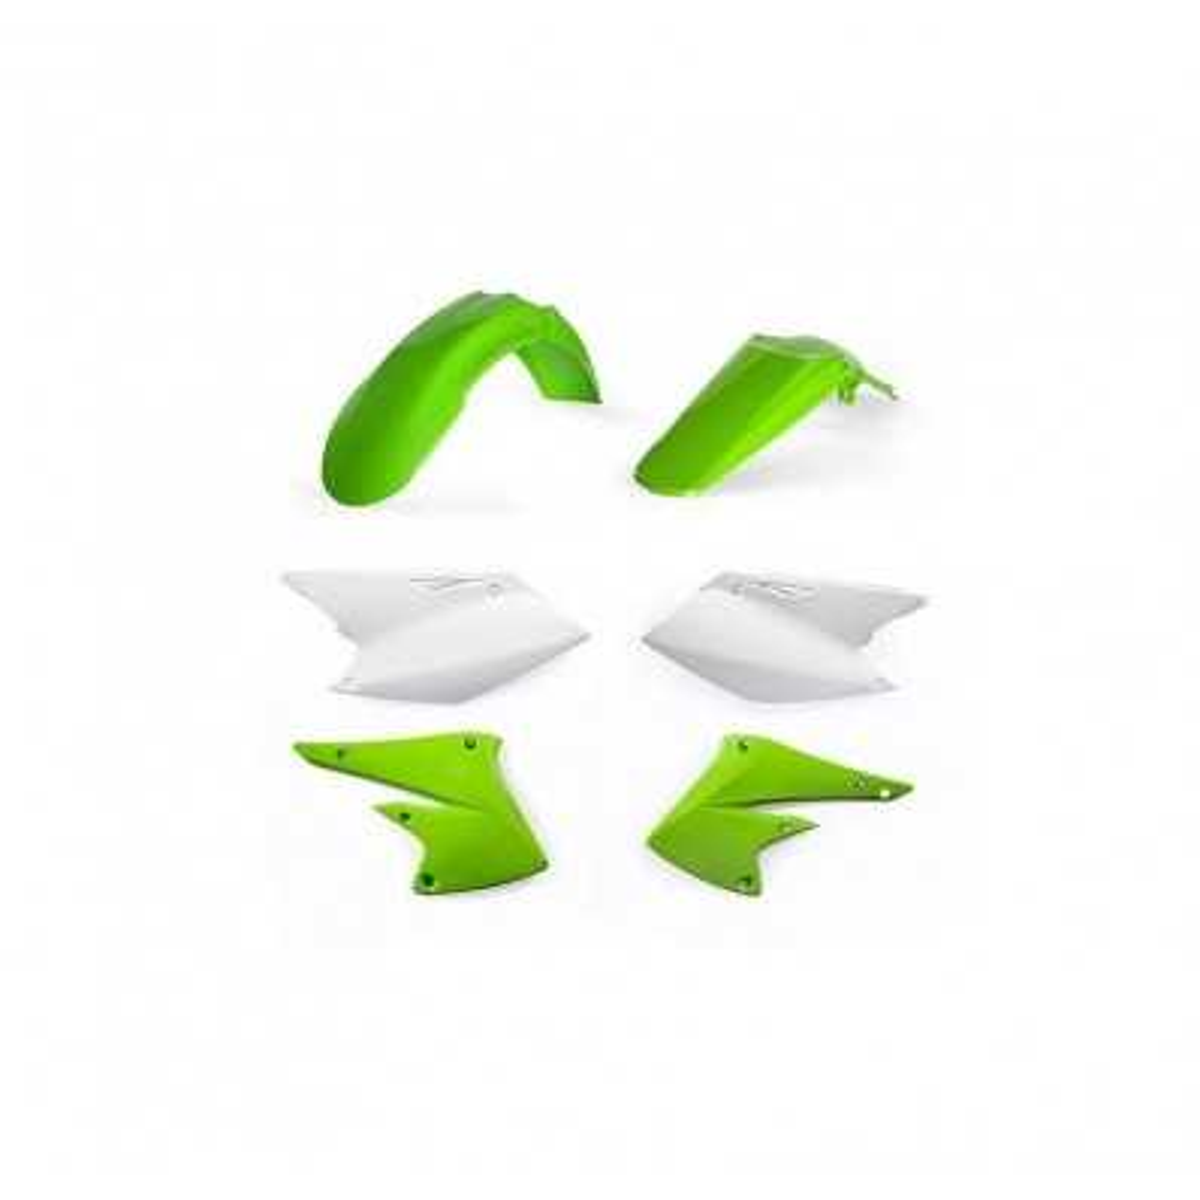 0016320-553 - Kit Plasticos Kxf 450 12 Origen